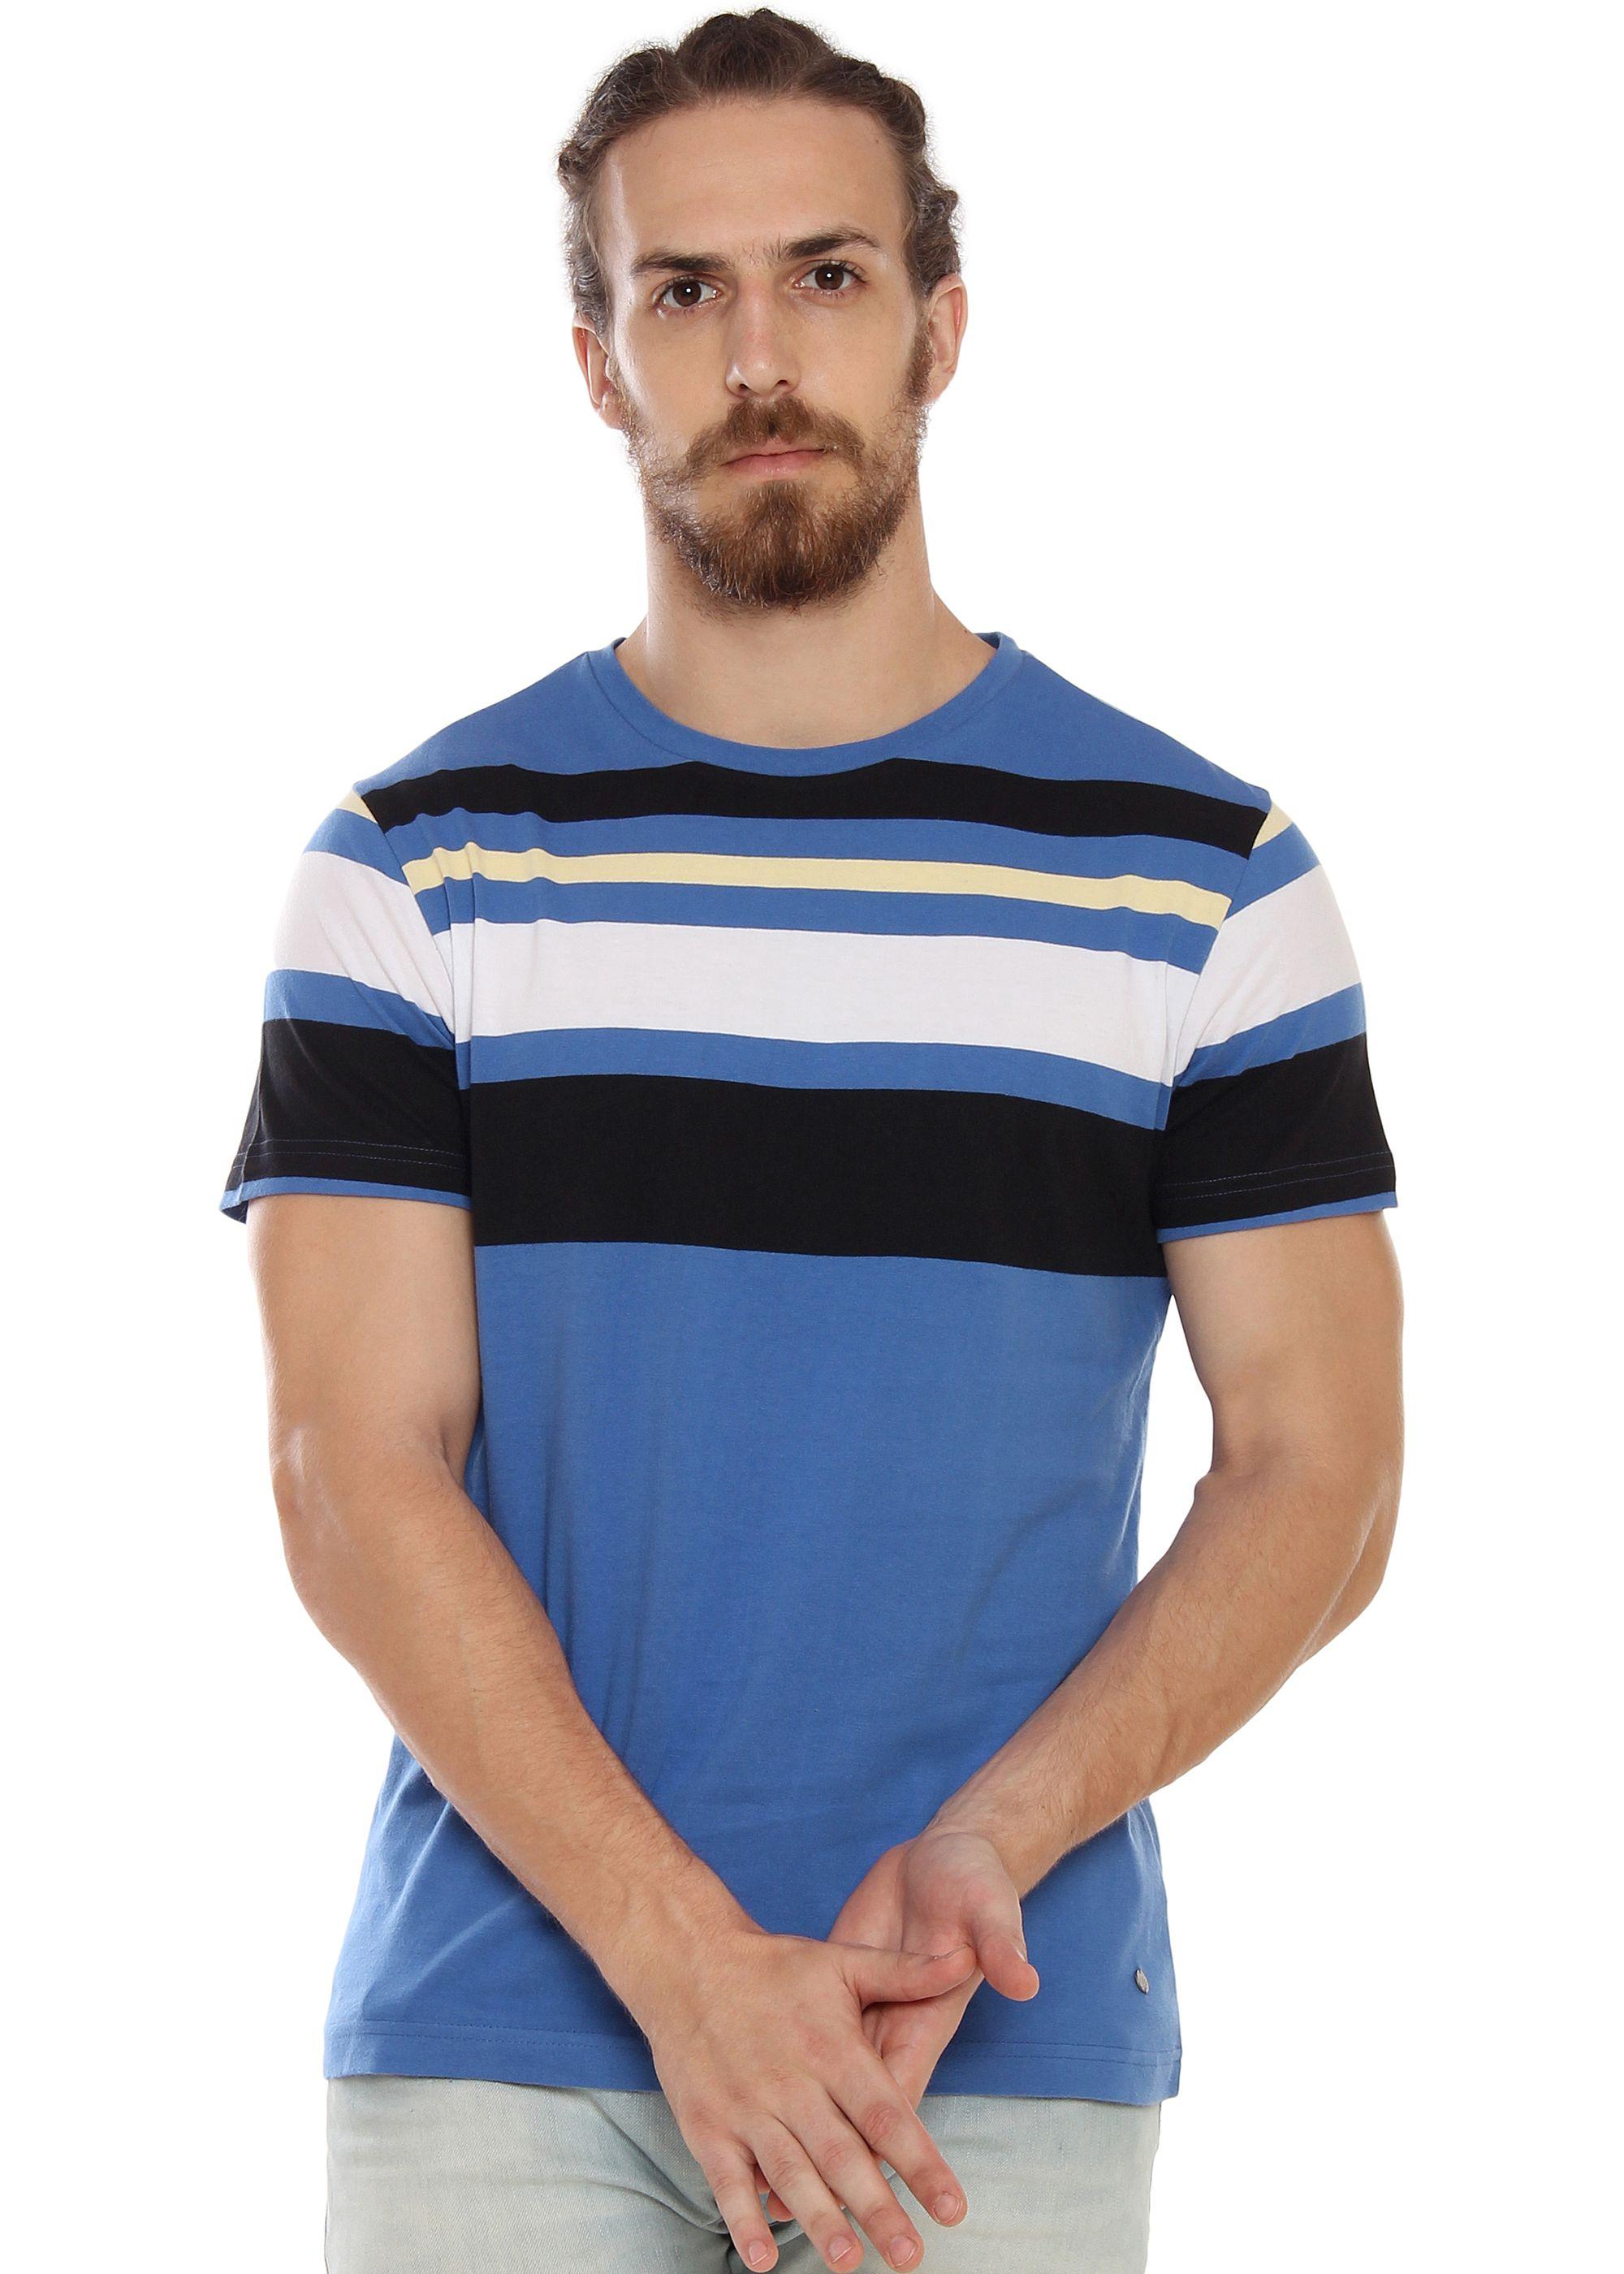 Smokestack Multi Round T-Shirt Pack of 1